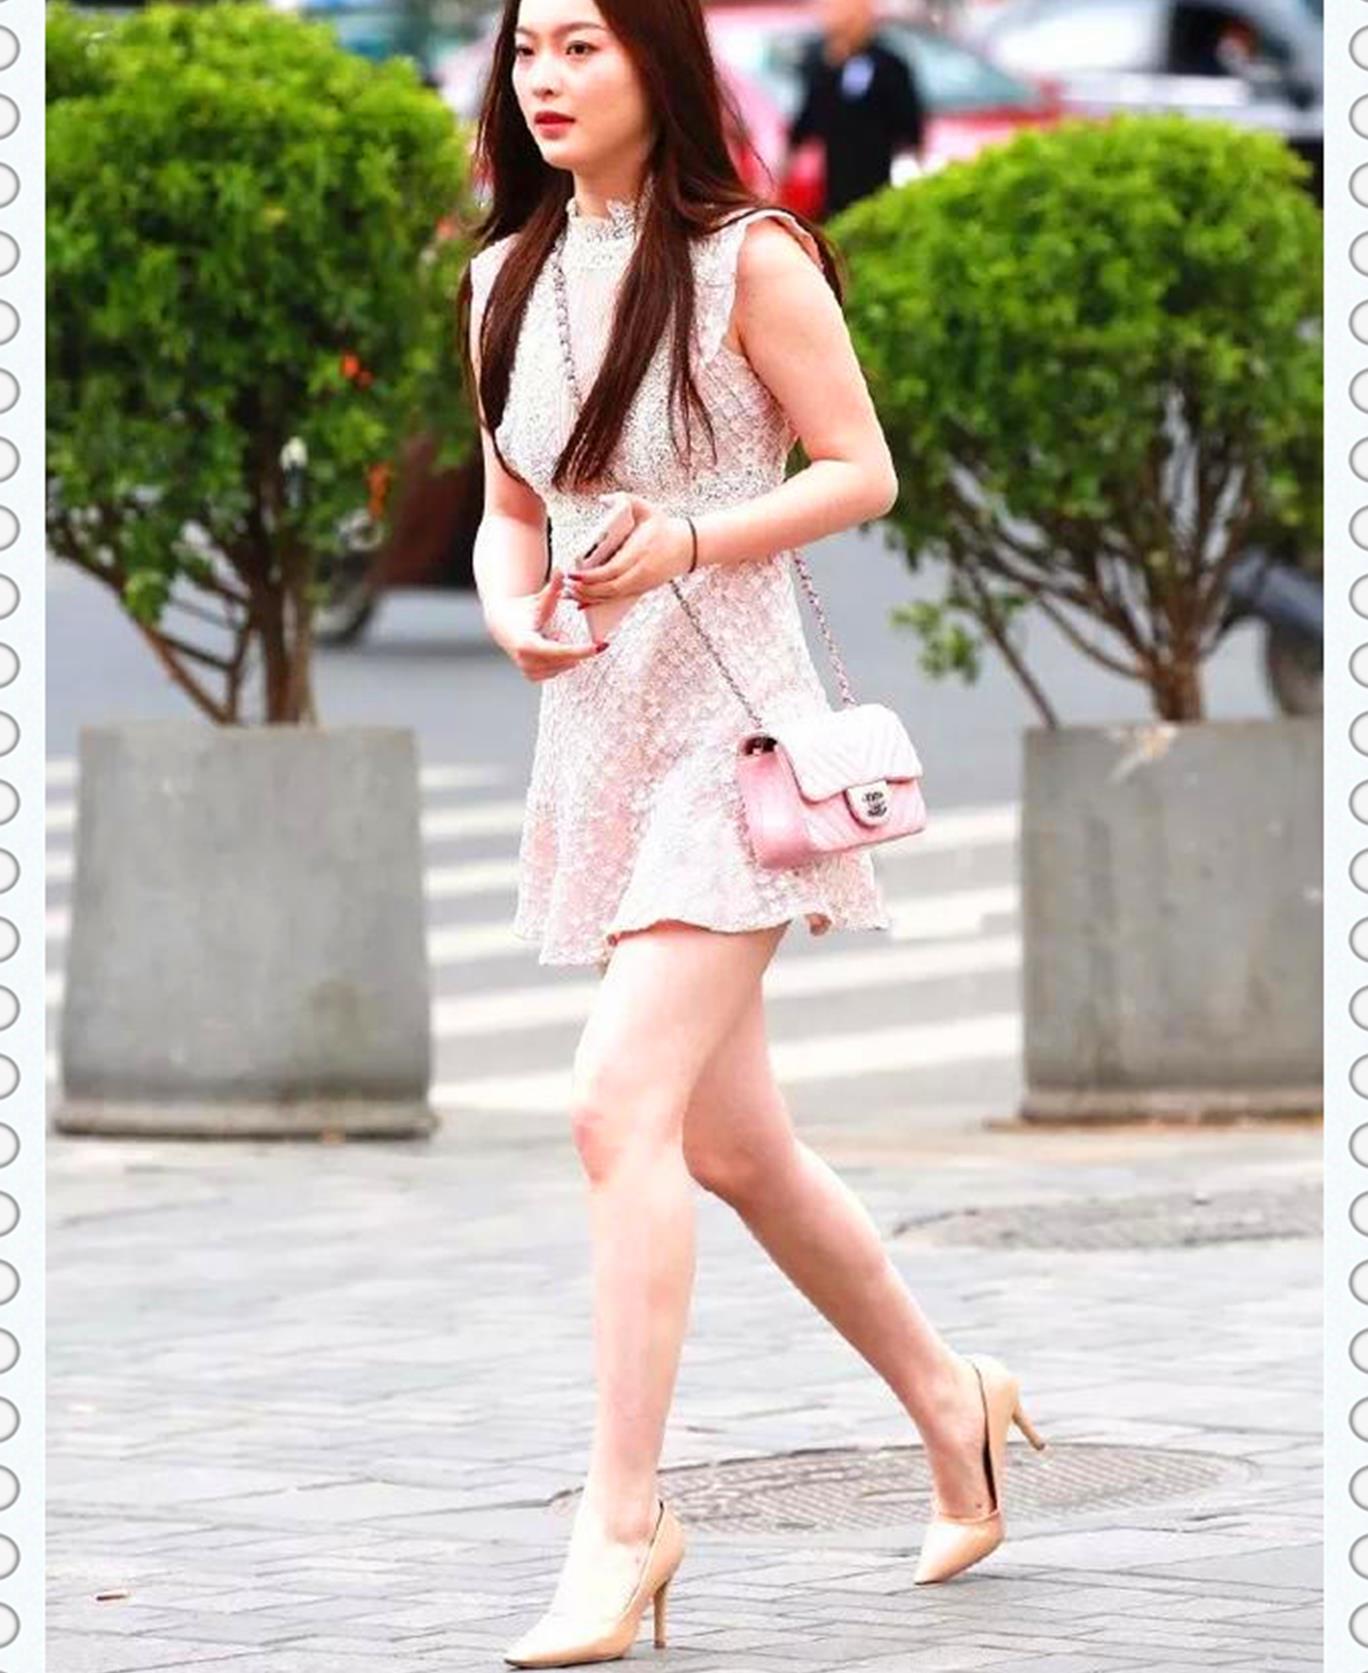 美女脚上鞋面网纱设计的高跟鞋,增添性感,让她看上去更加迷人